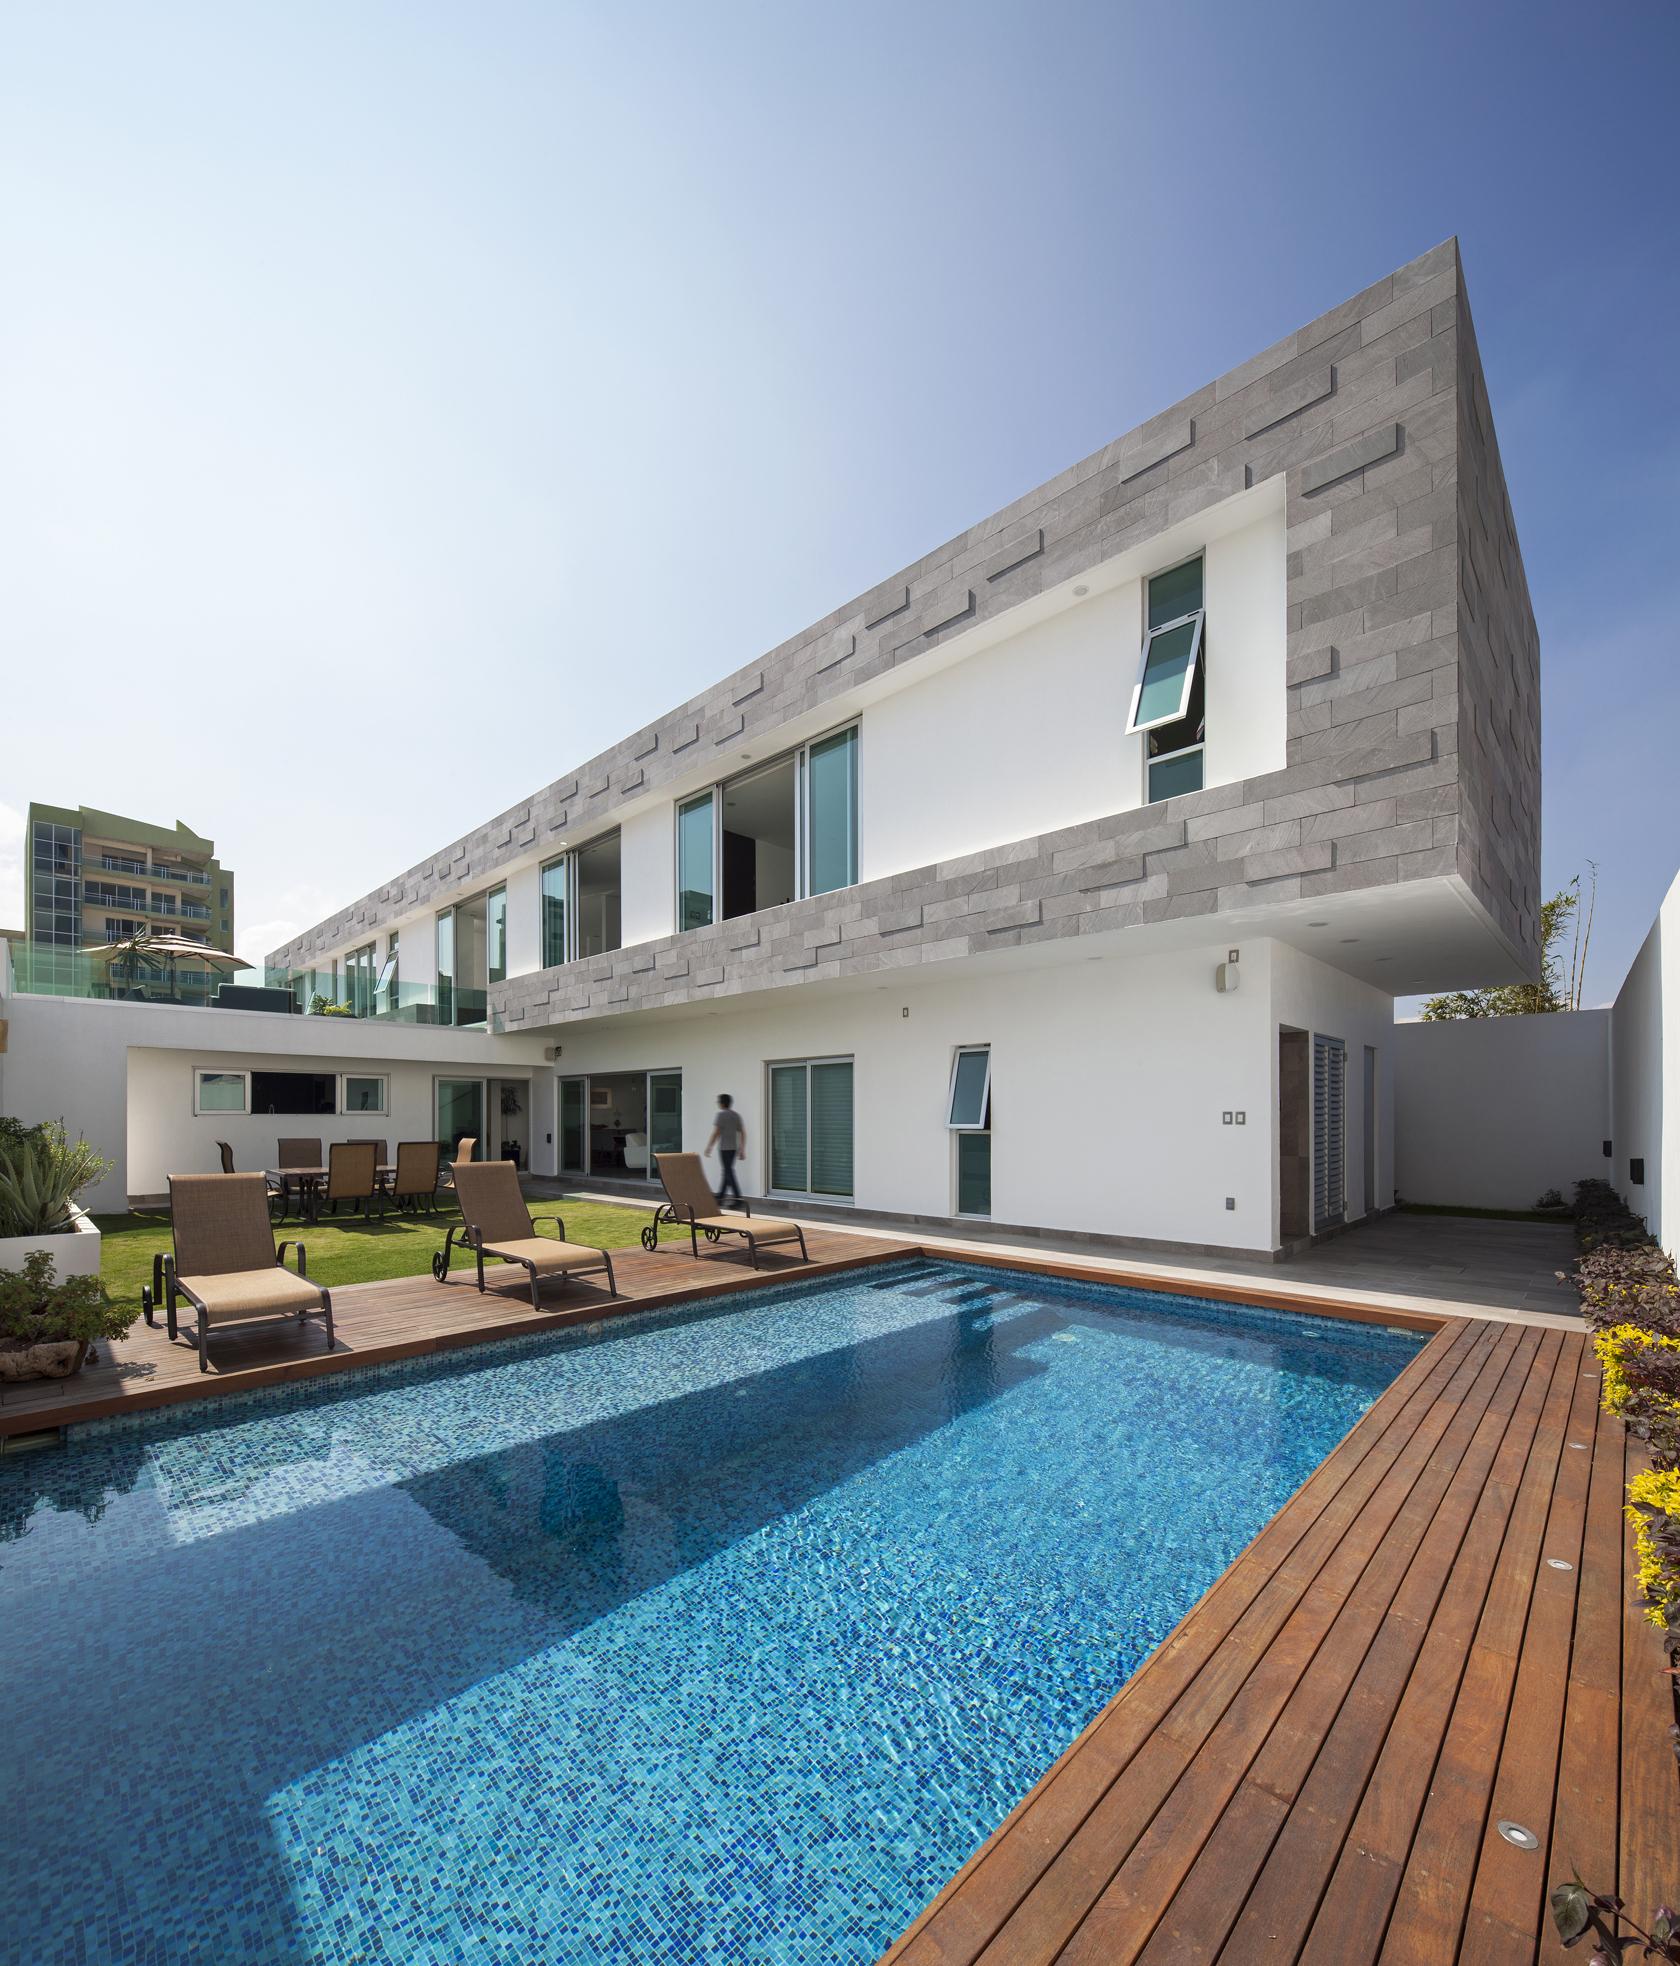 Galeria Arquitectonica: Galeria De Casa Ivanna / OBRA BLANCA